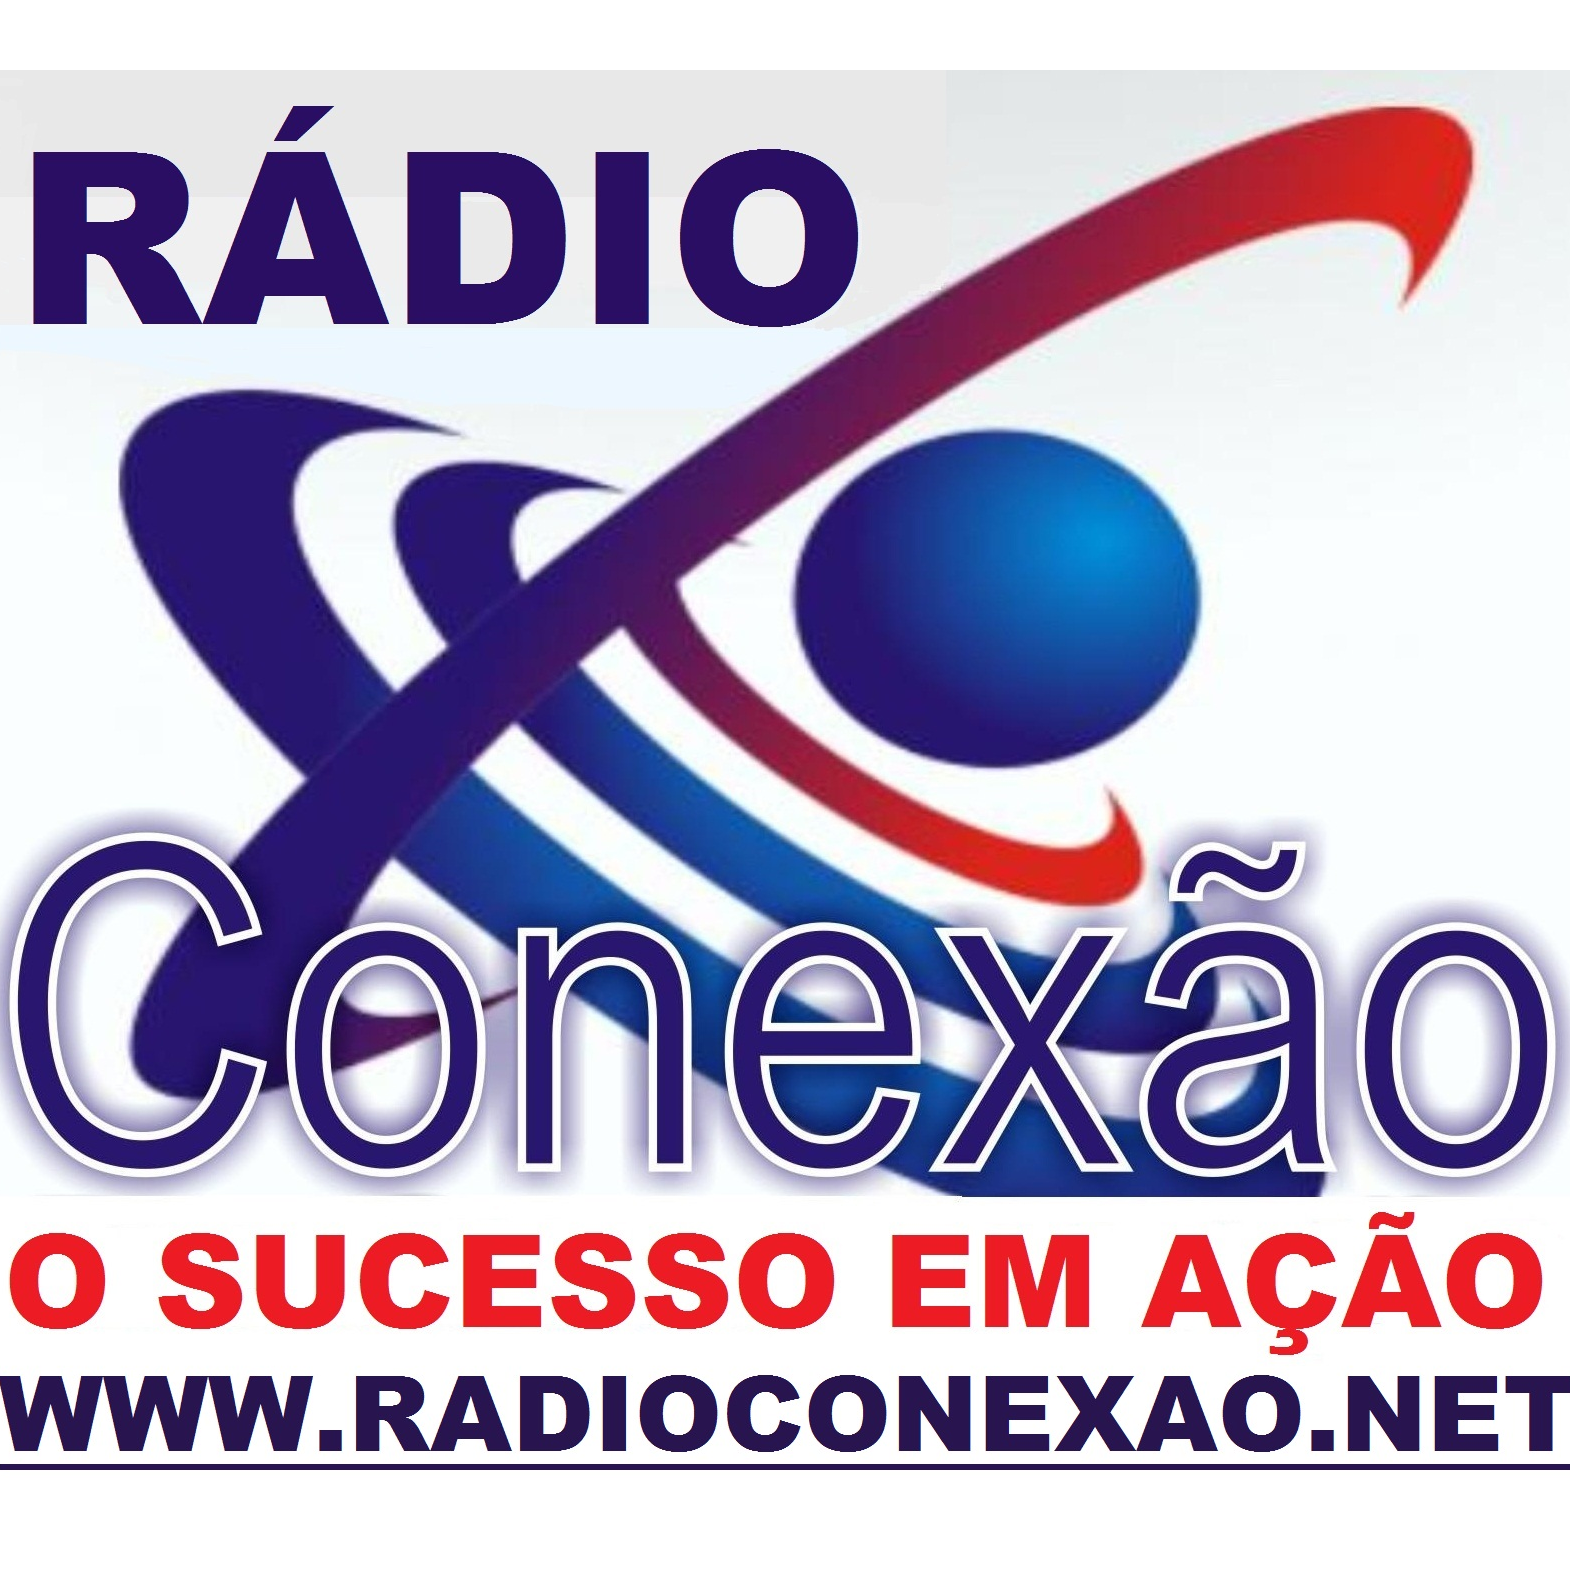 Rádio Internacional Conexão